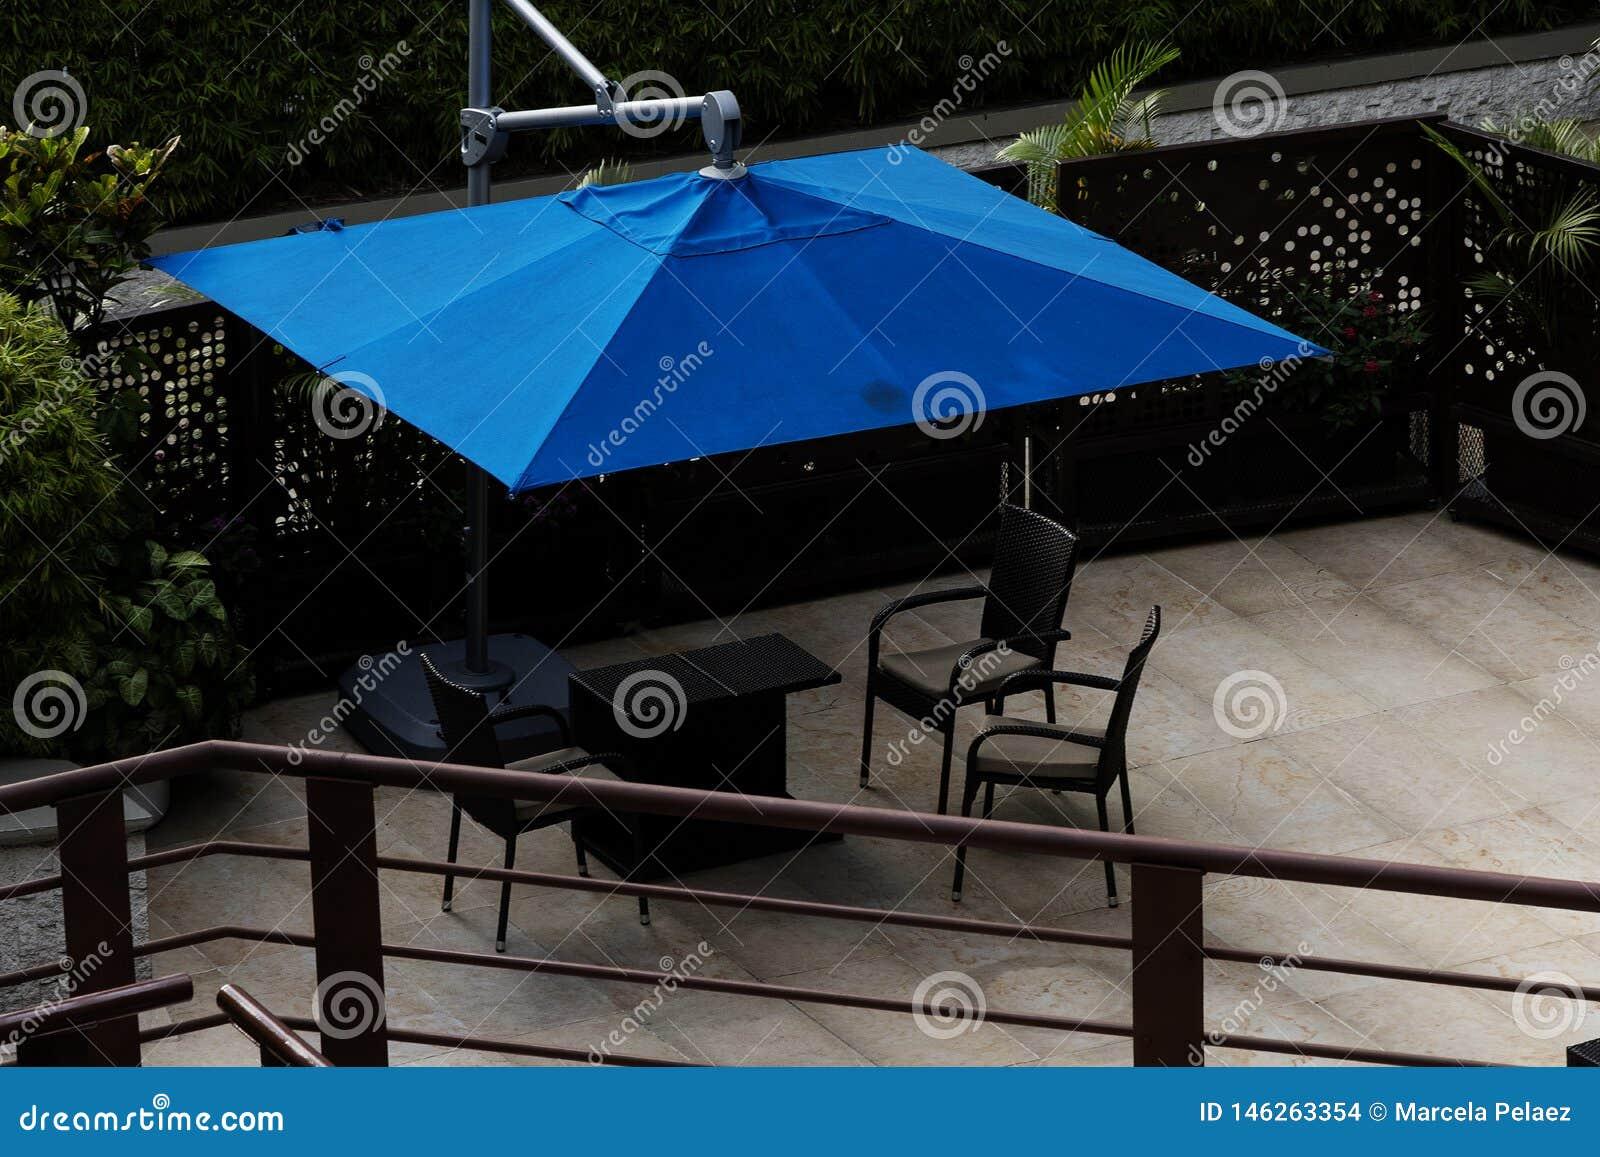 Plate-forme en bois avec les tables de billard ext?rieures avec la construction minimaliste de parapluies bleus